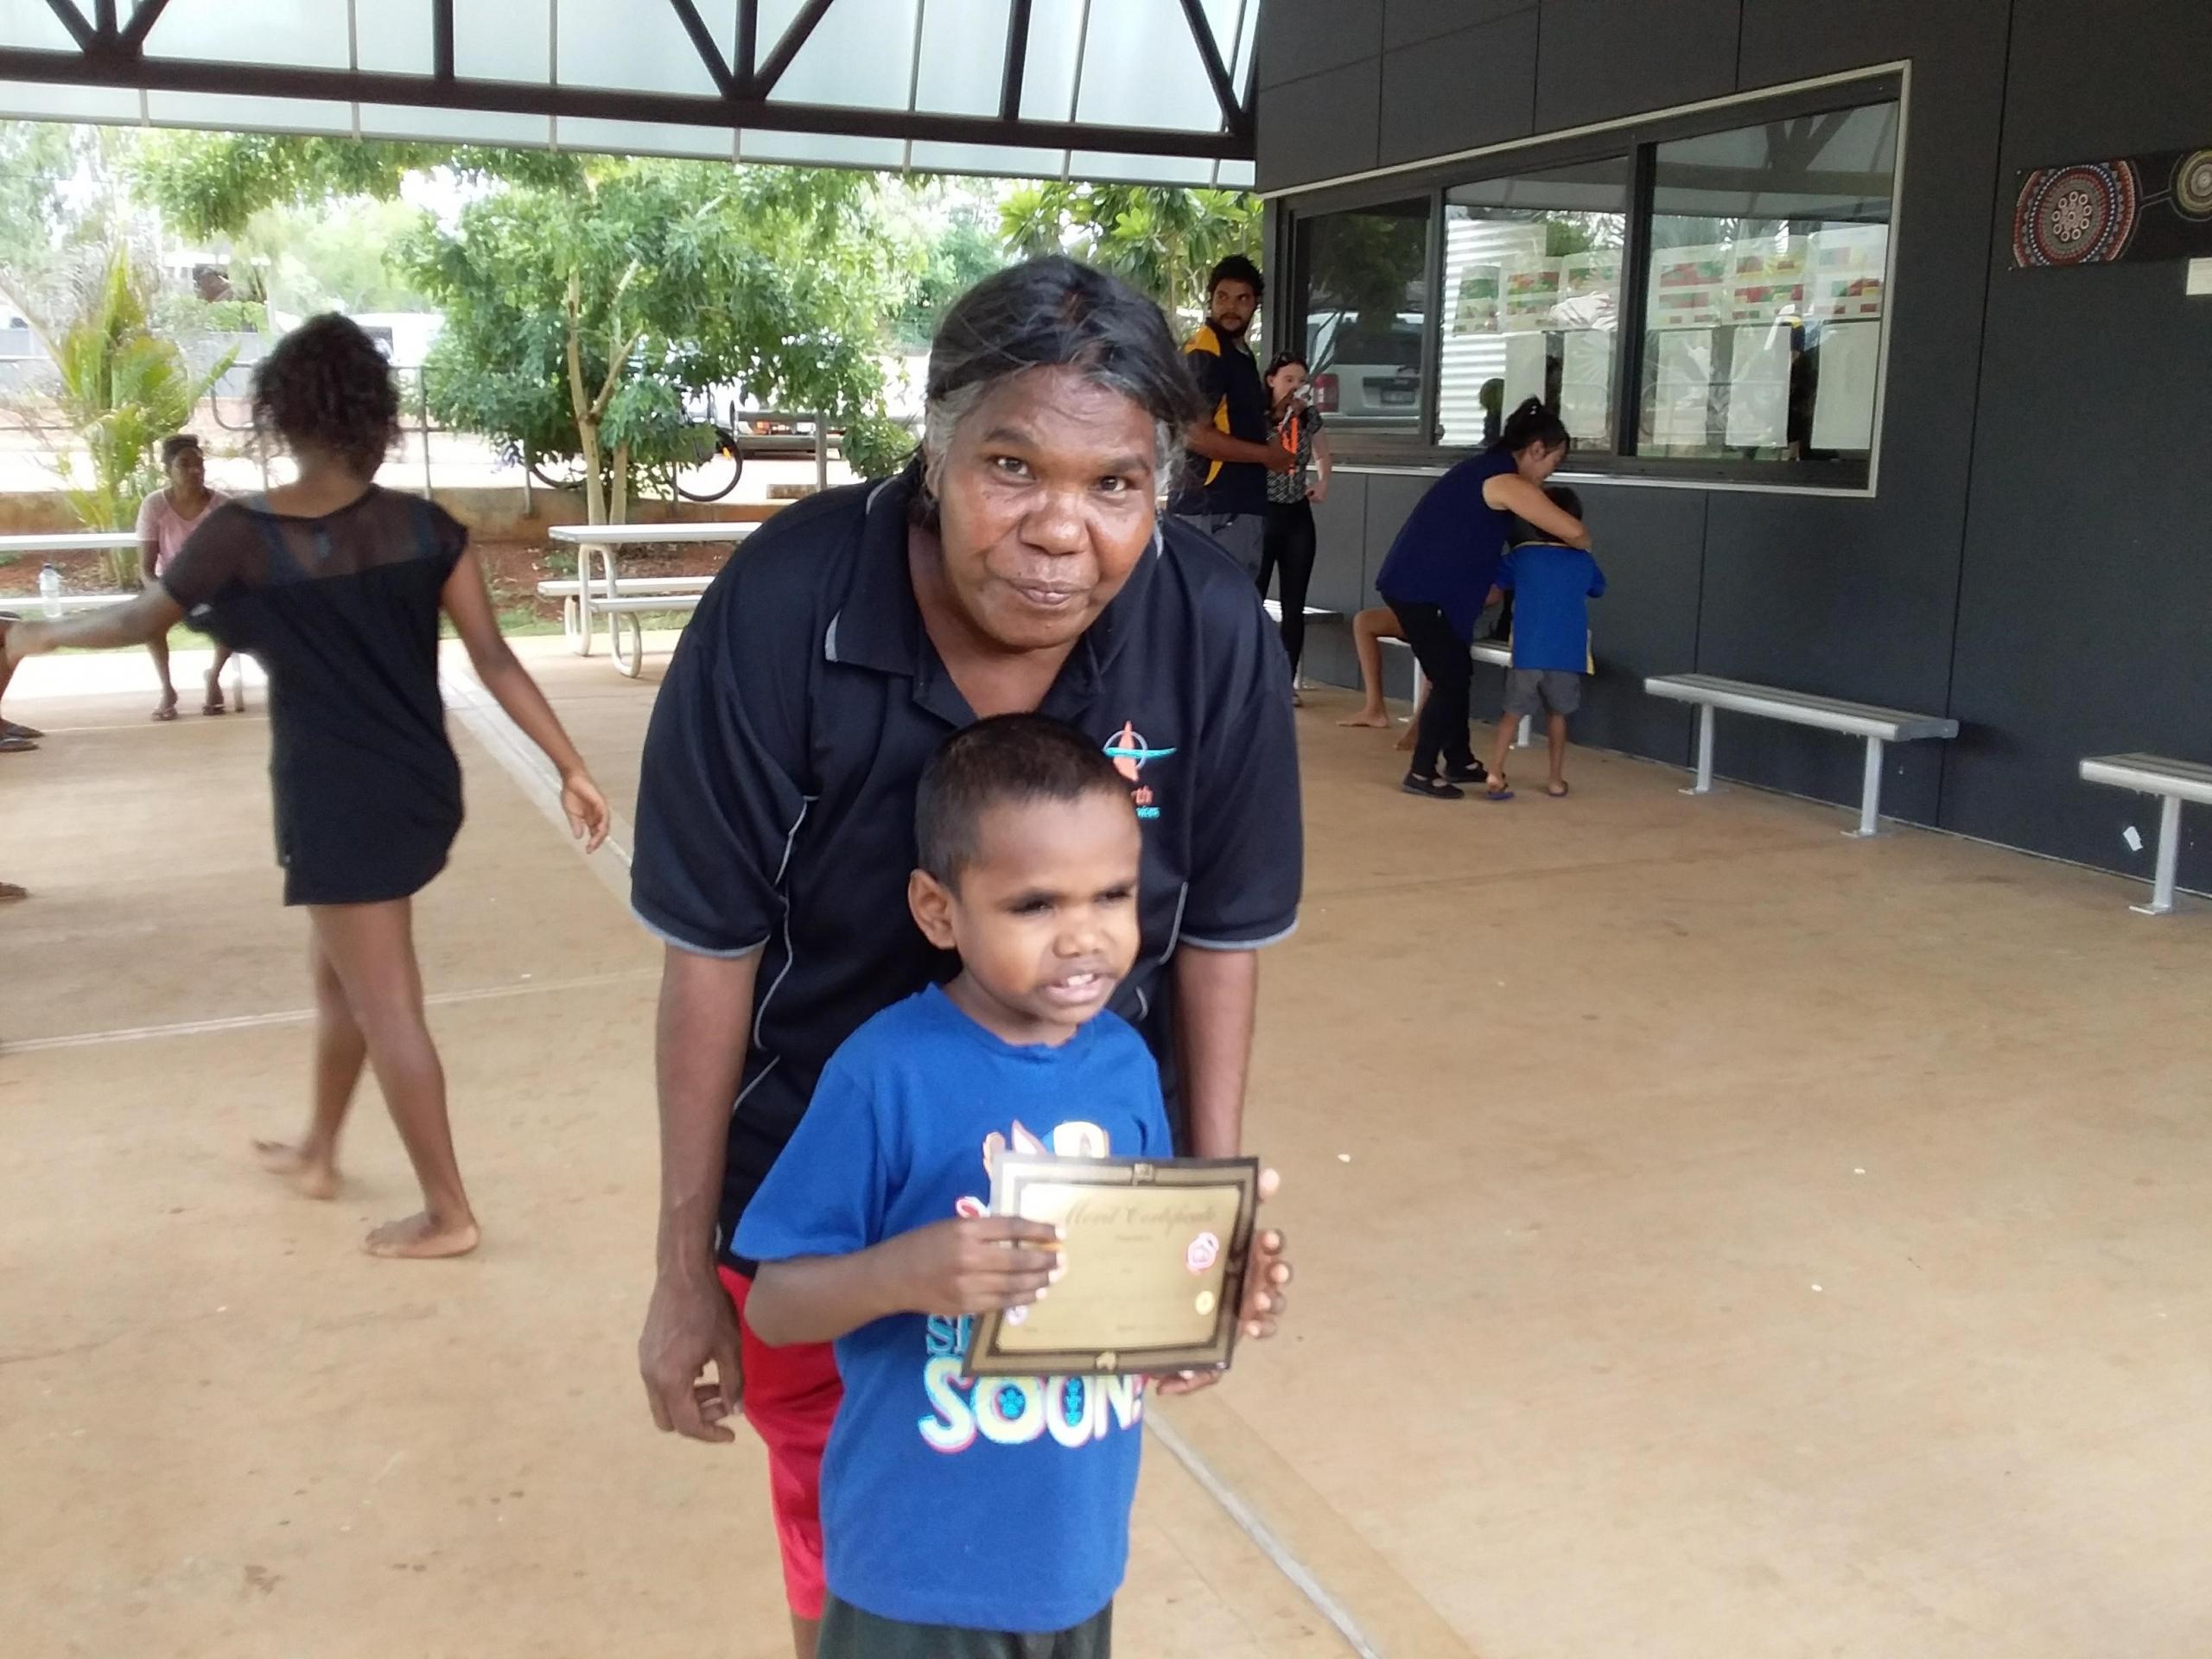 kid-receiving-school-certificate